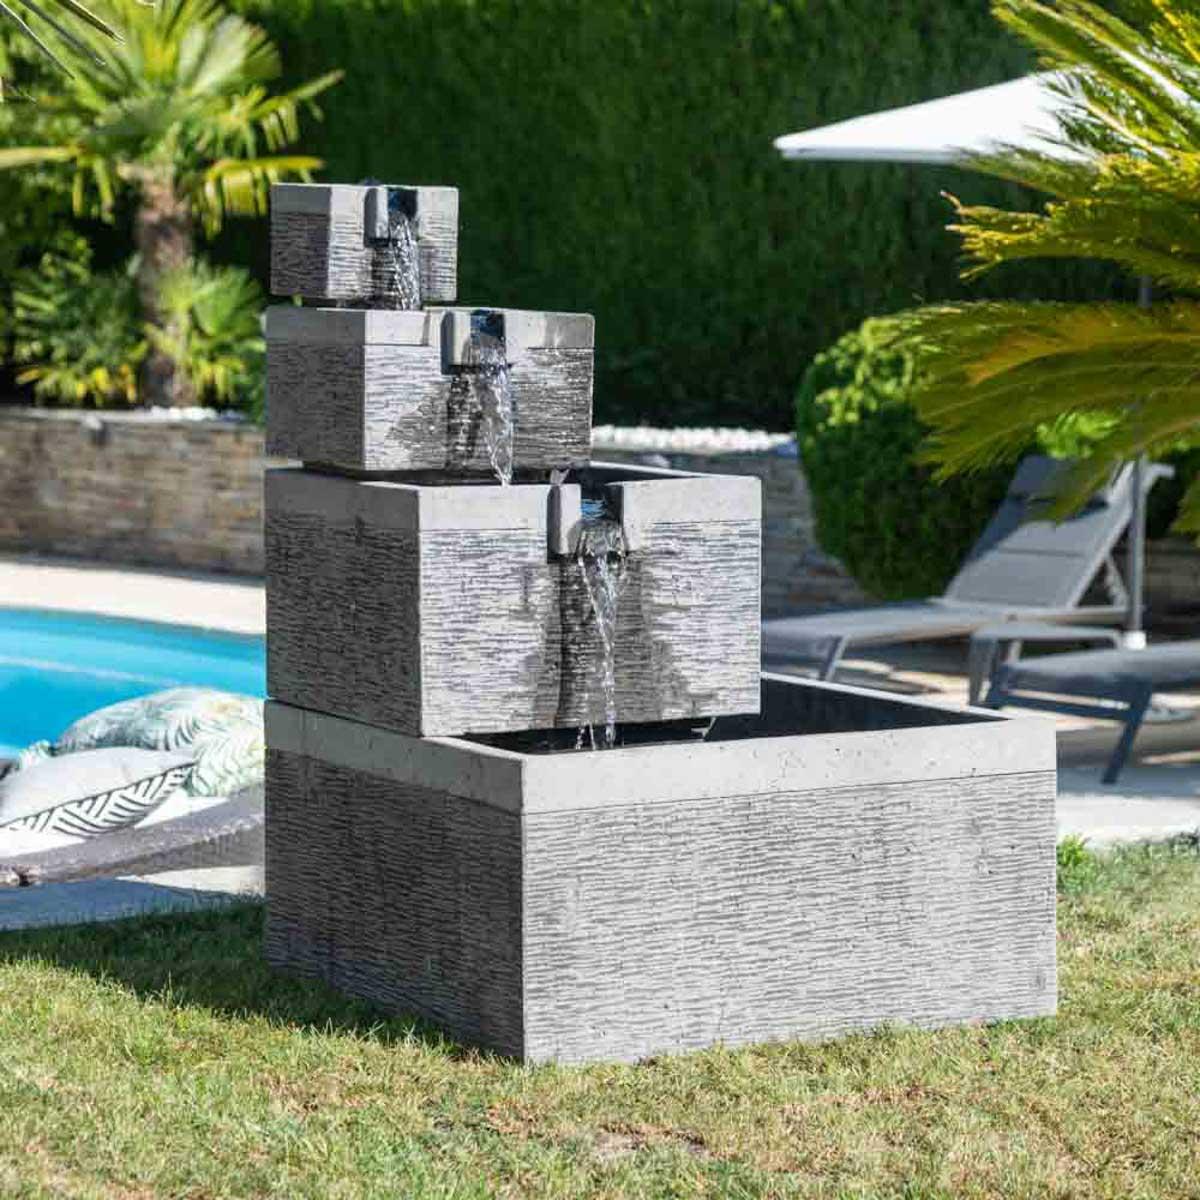 Fuente de jard n fuente desbordante estanque cuadrado 4 for Fuente estanque jardin